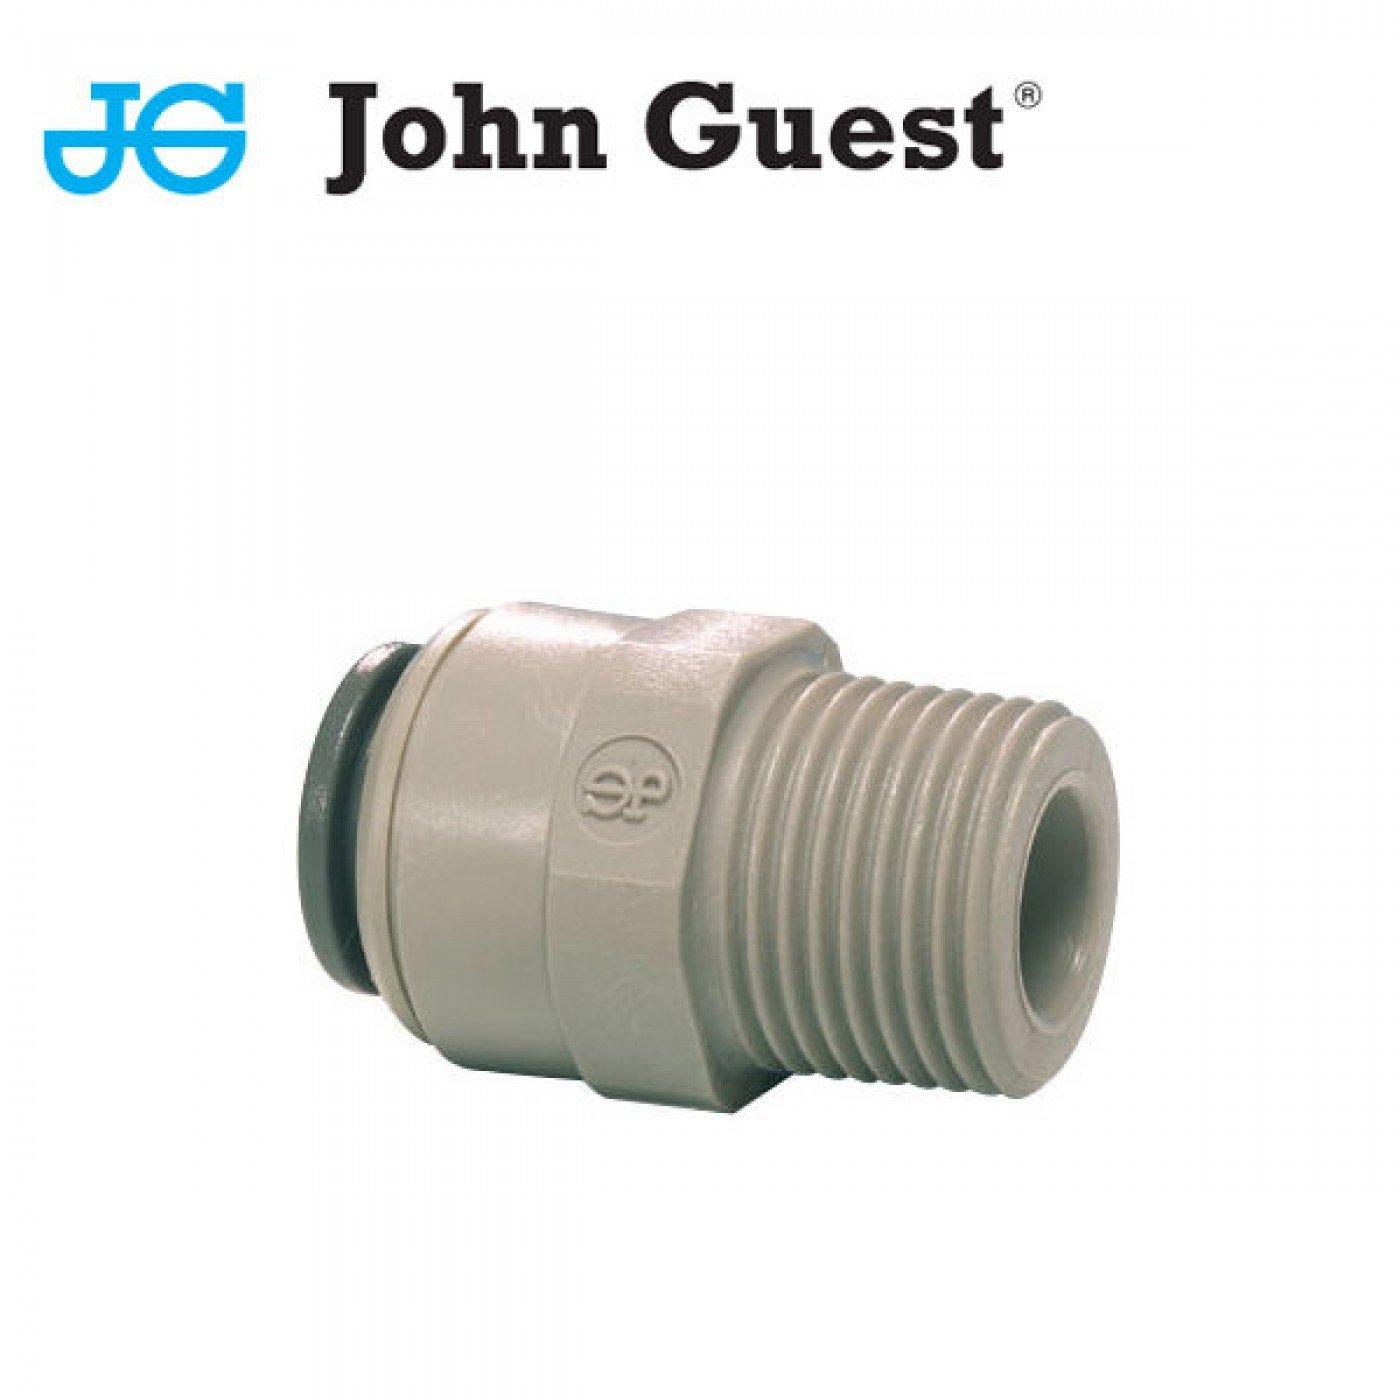 """TERMINALE DIRITTO TUBO 1/2"""" X 3/8"""" FILETTO JOHN GUEST PI011623S"""